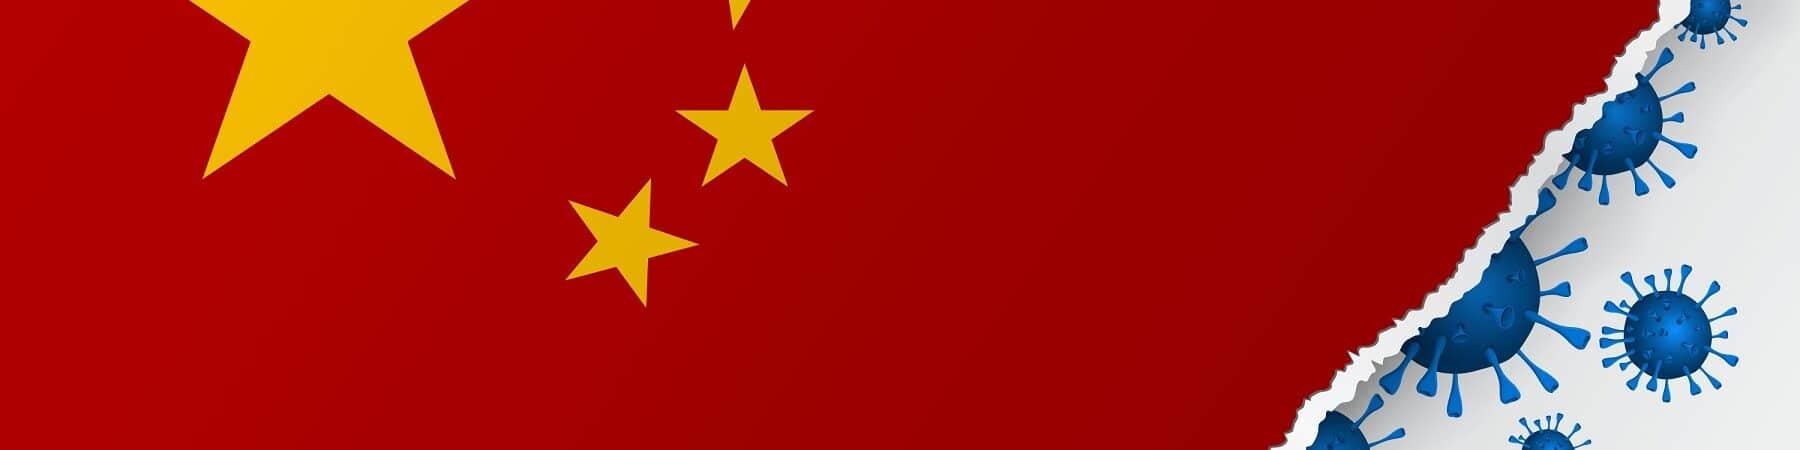 Bandeira da China rasgada na ponta, com representações do coronavírus ao fundo